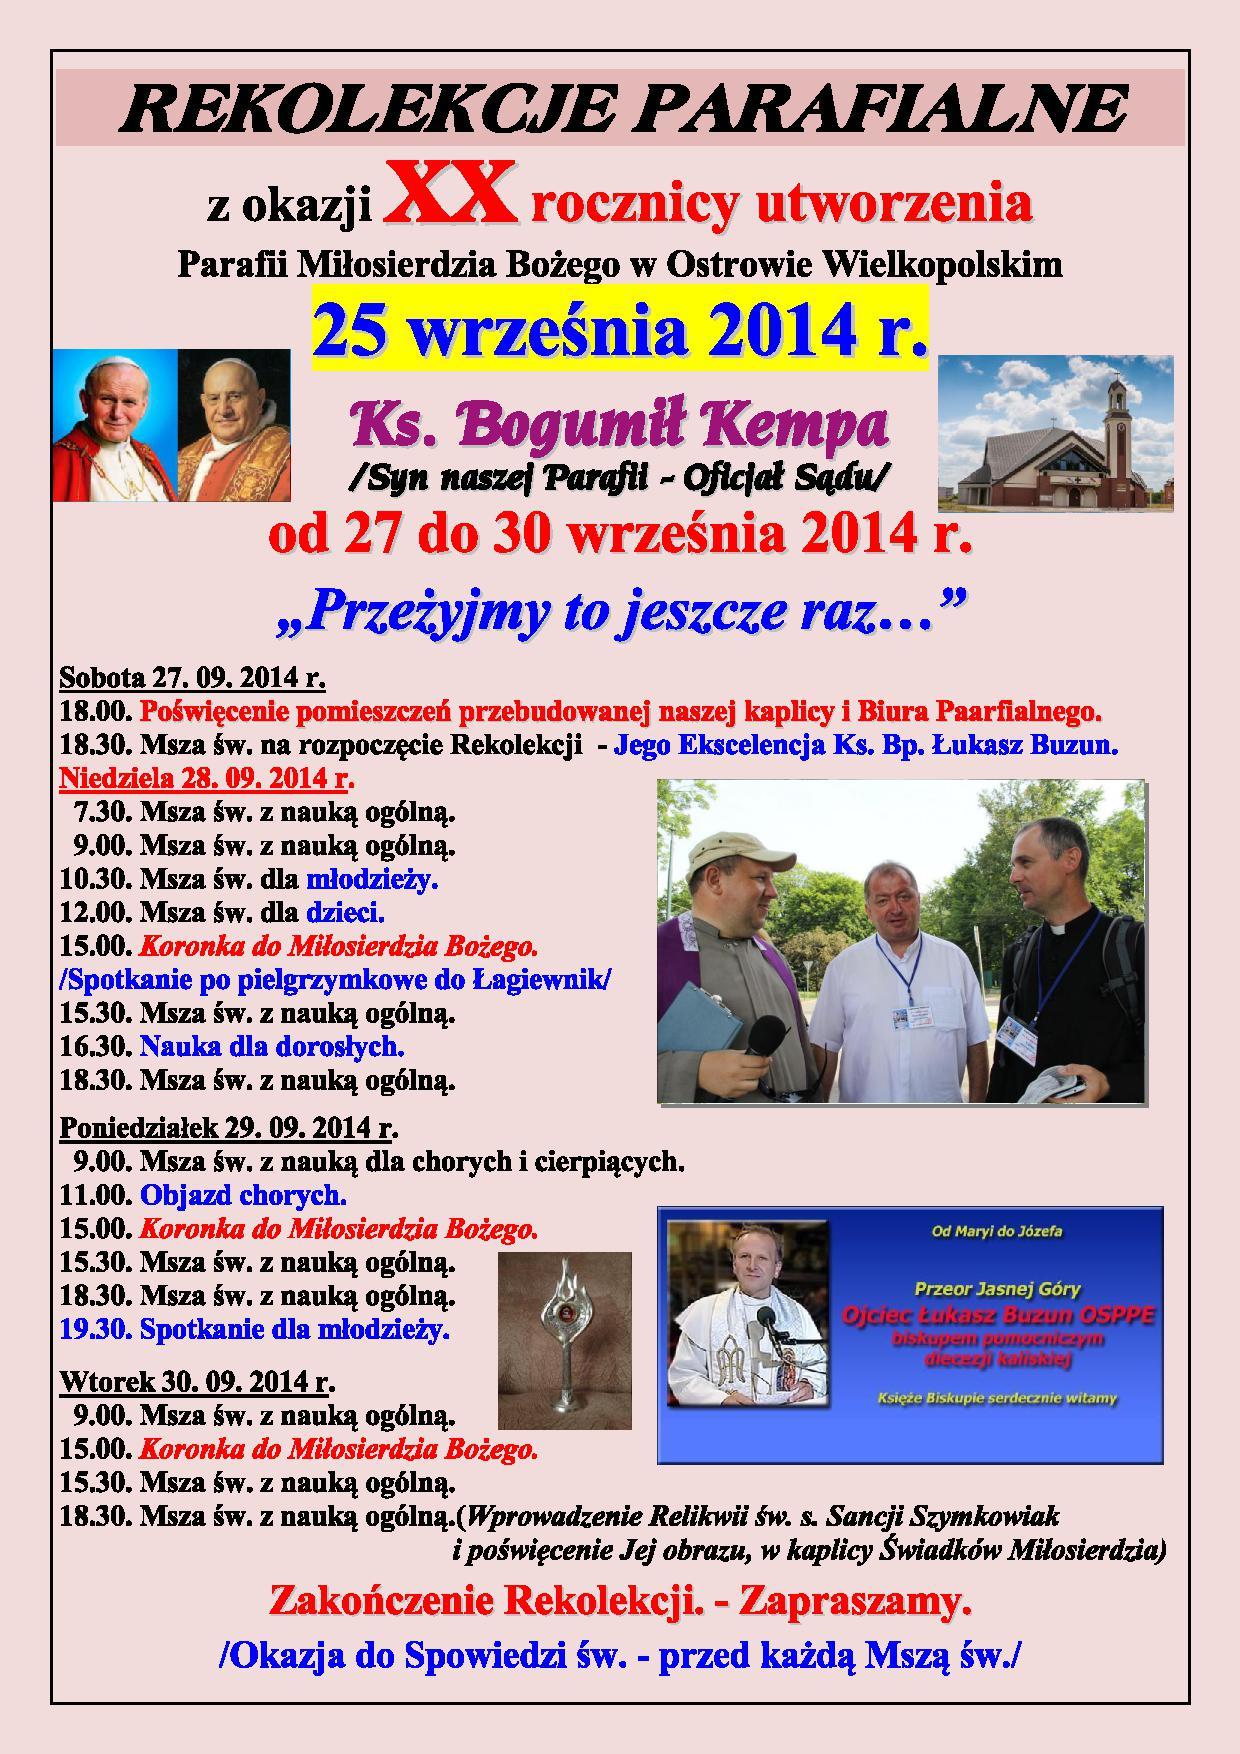 Rekolekcje Parafialne z okazji 20 rocznicy parafii PDF